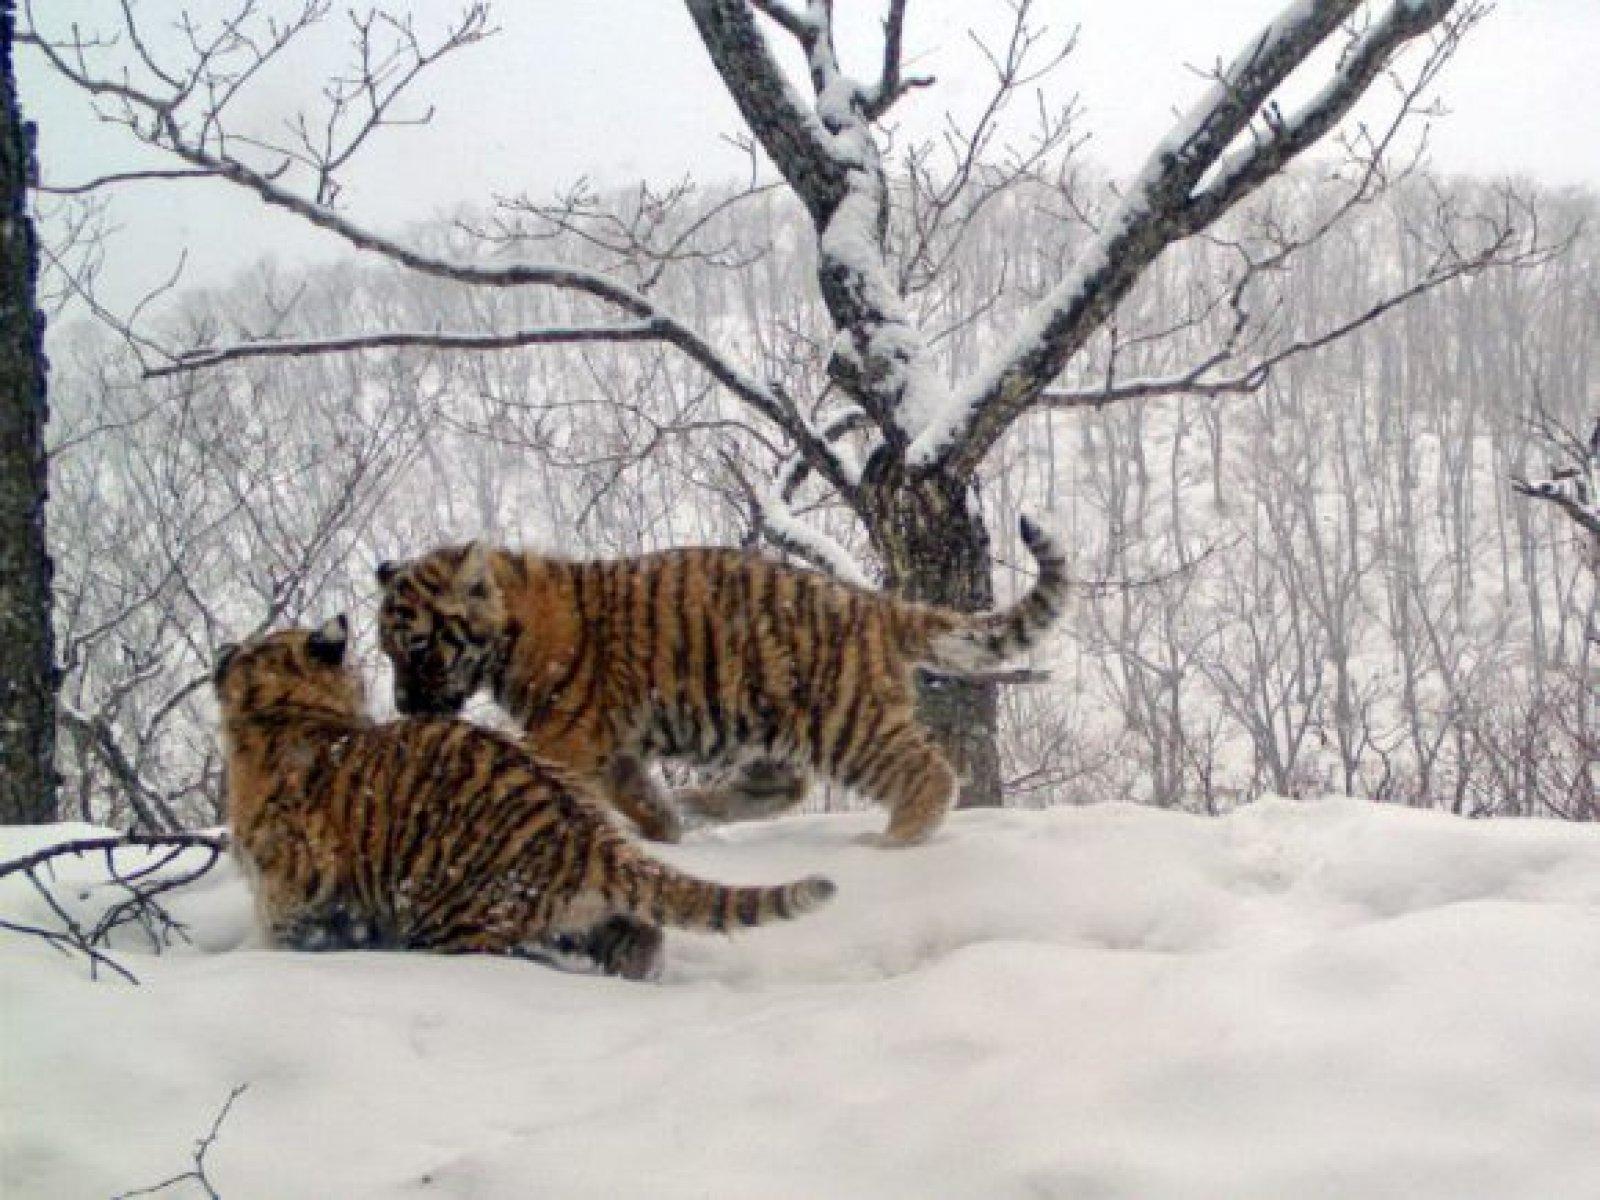 Cadells de tigre siberià a l'est de Rússia